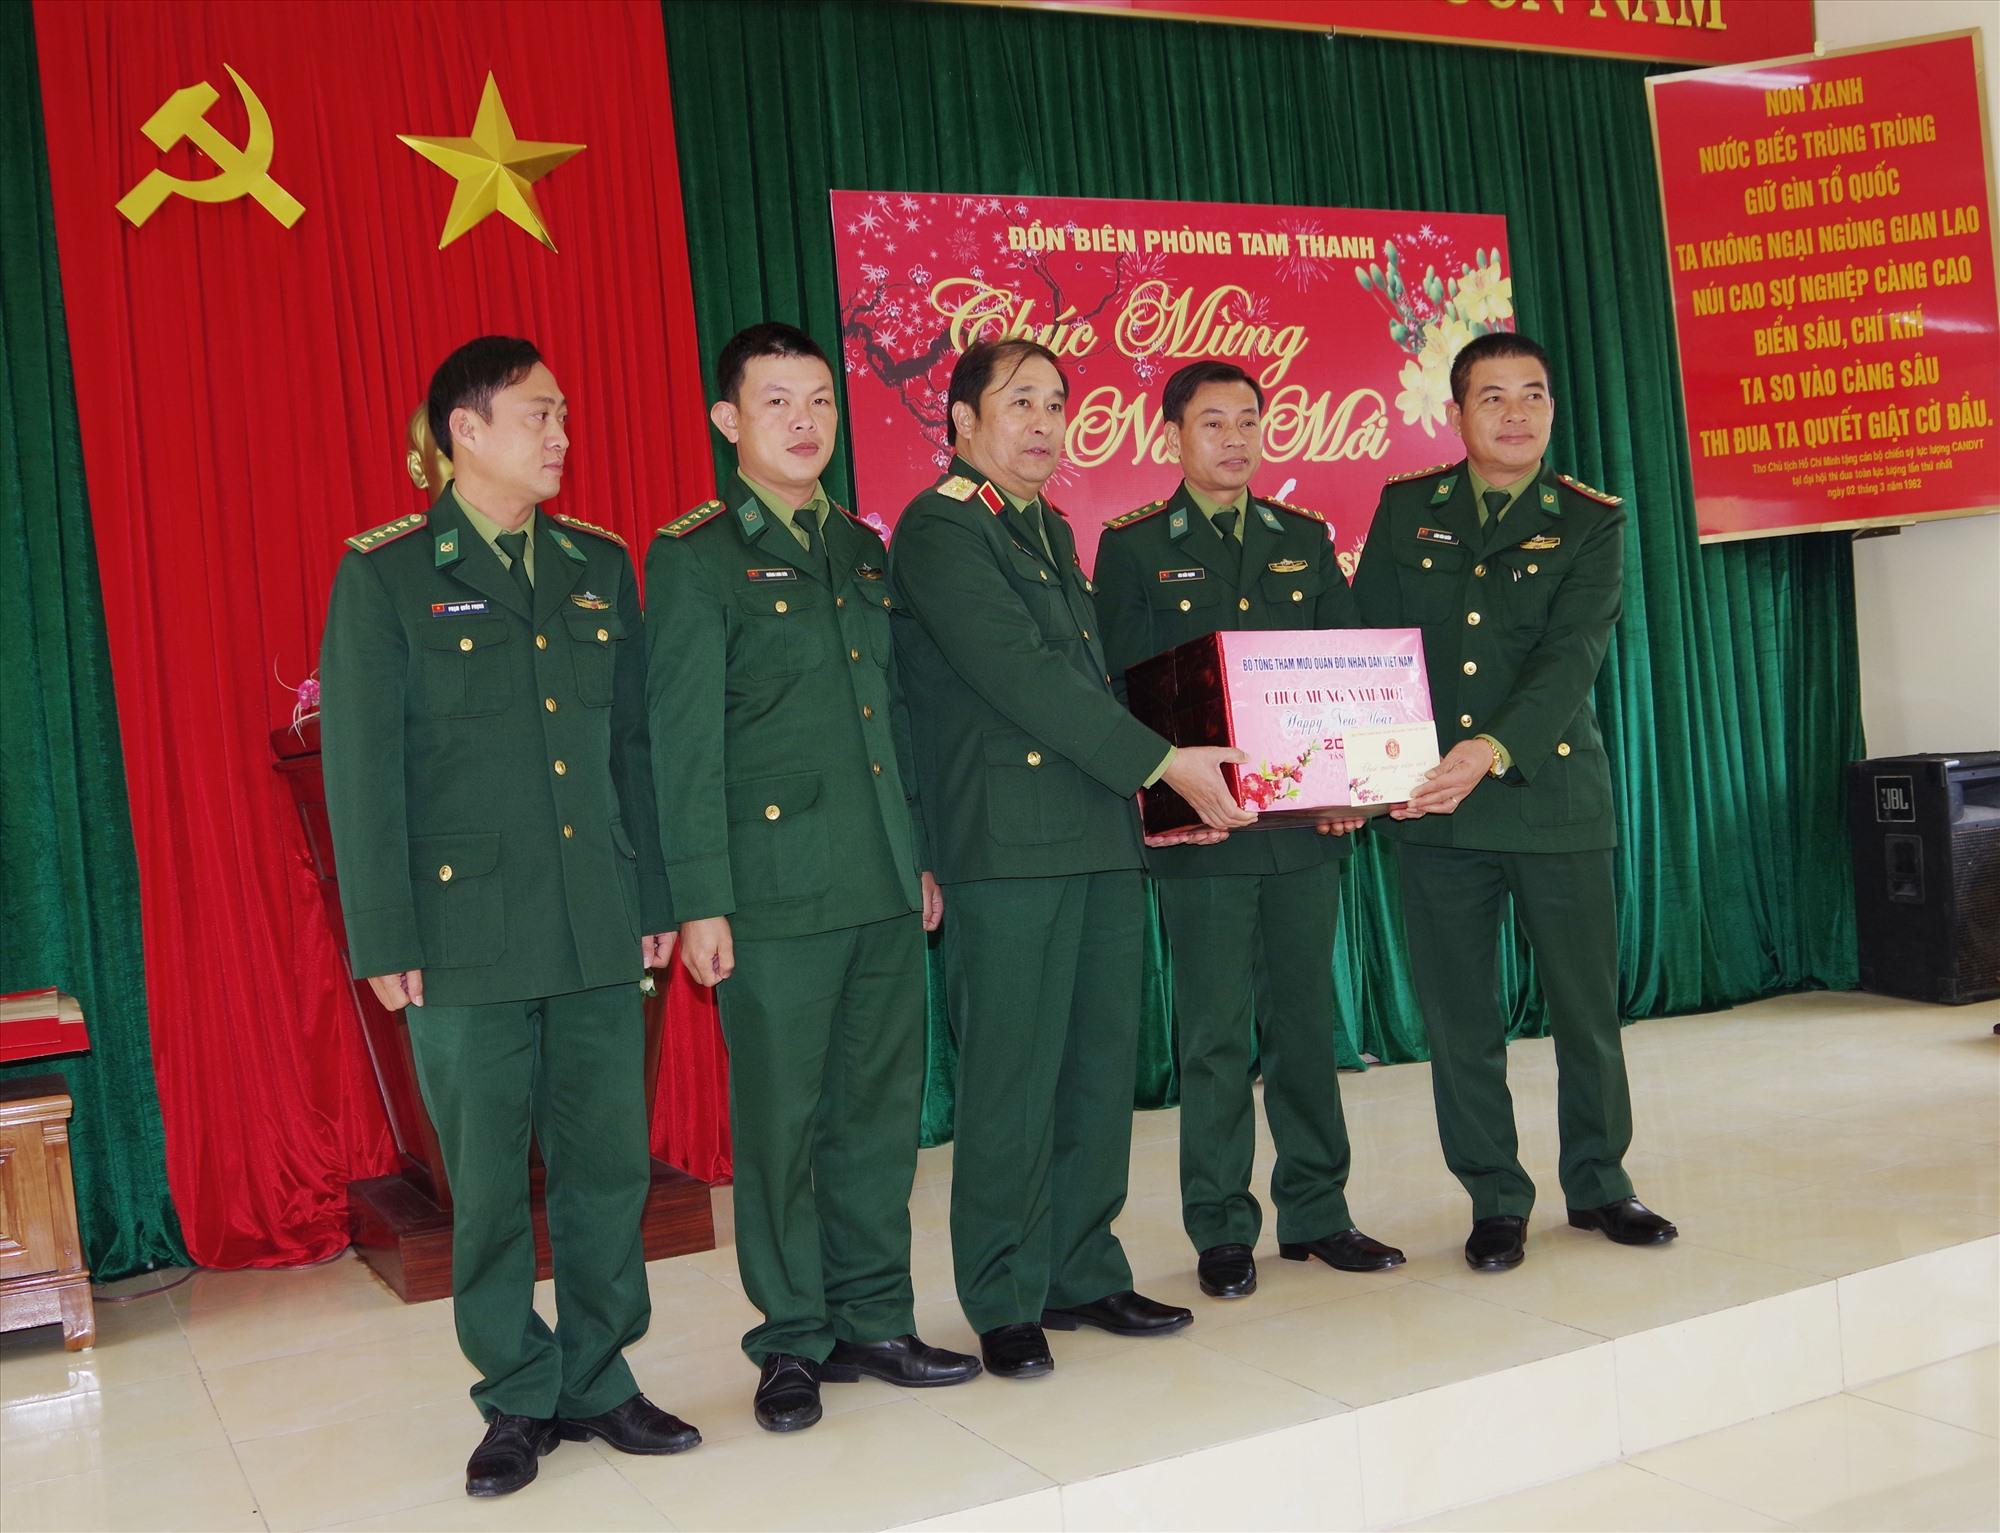 Phó Tổng Tham mưu trưởng QĐND Việt Nam tặng quà tết cán bộ, chiến sĩ Đồn Biên phòng Tam Thanh. Ảnh: HỒNG ANH